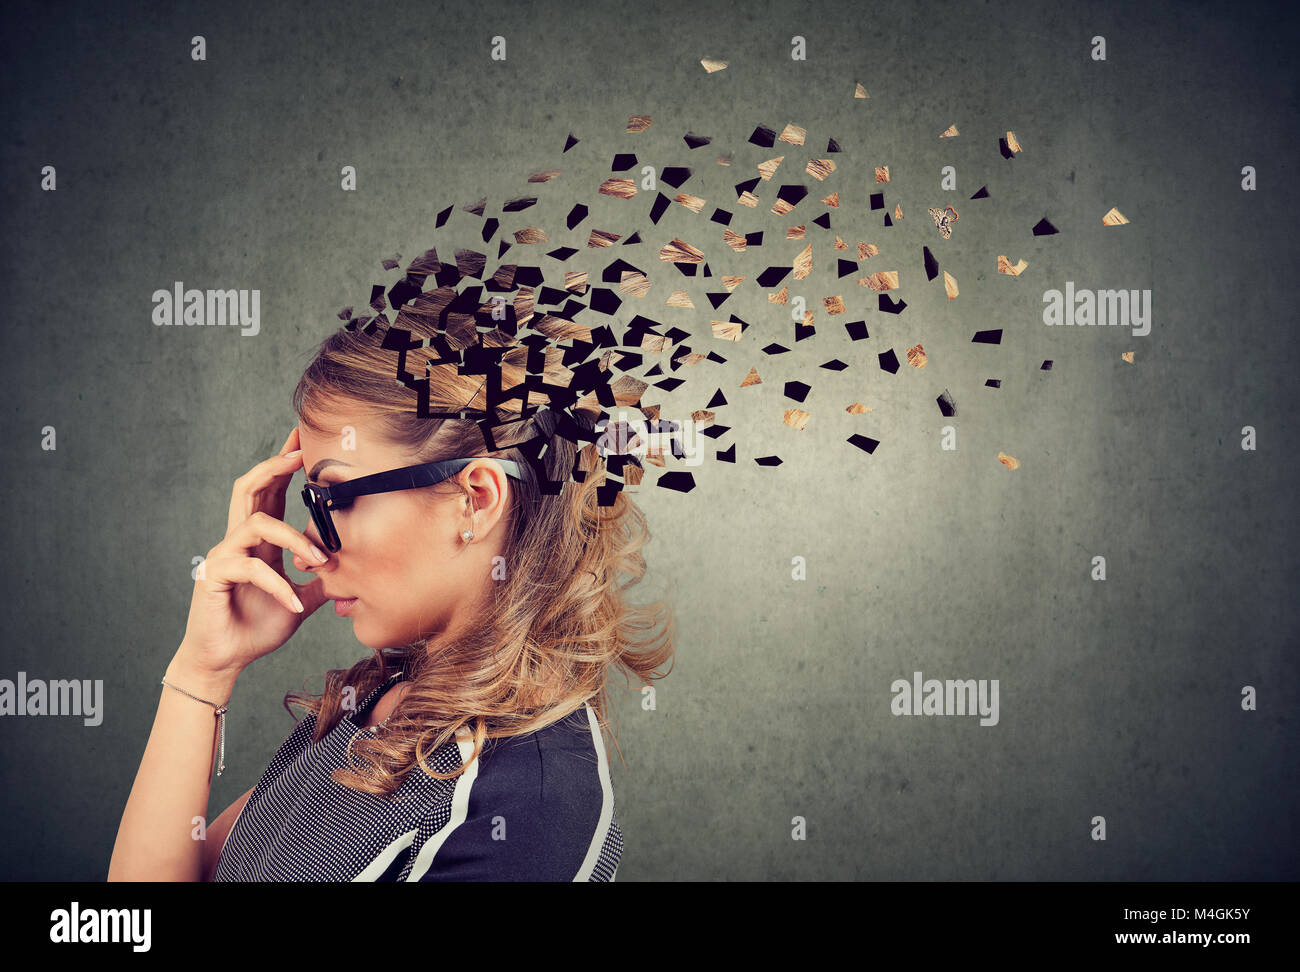 La perte de mémoire en raison de la démence ou des lésions cérébrales. Portrait d'une Photo Stock